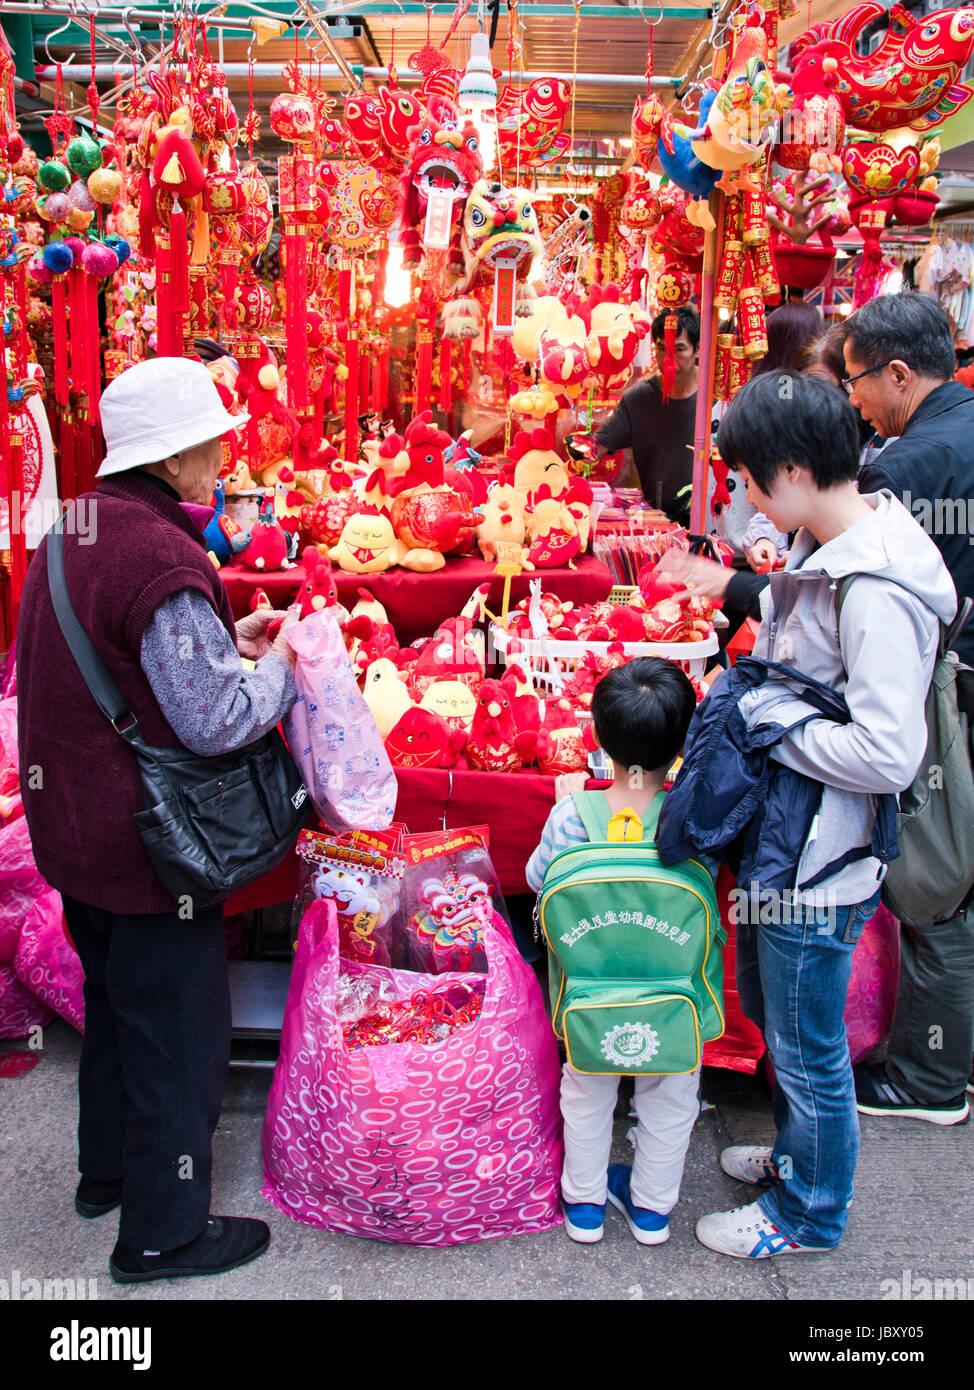 Vertikale Ansicht einer Familie Wahl Chinese New Year Verzierungen an einem Marktstand in Hong Kong, China. Stockbild